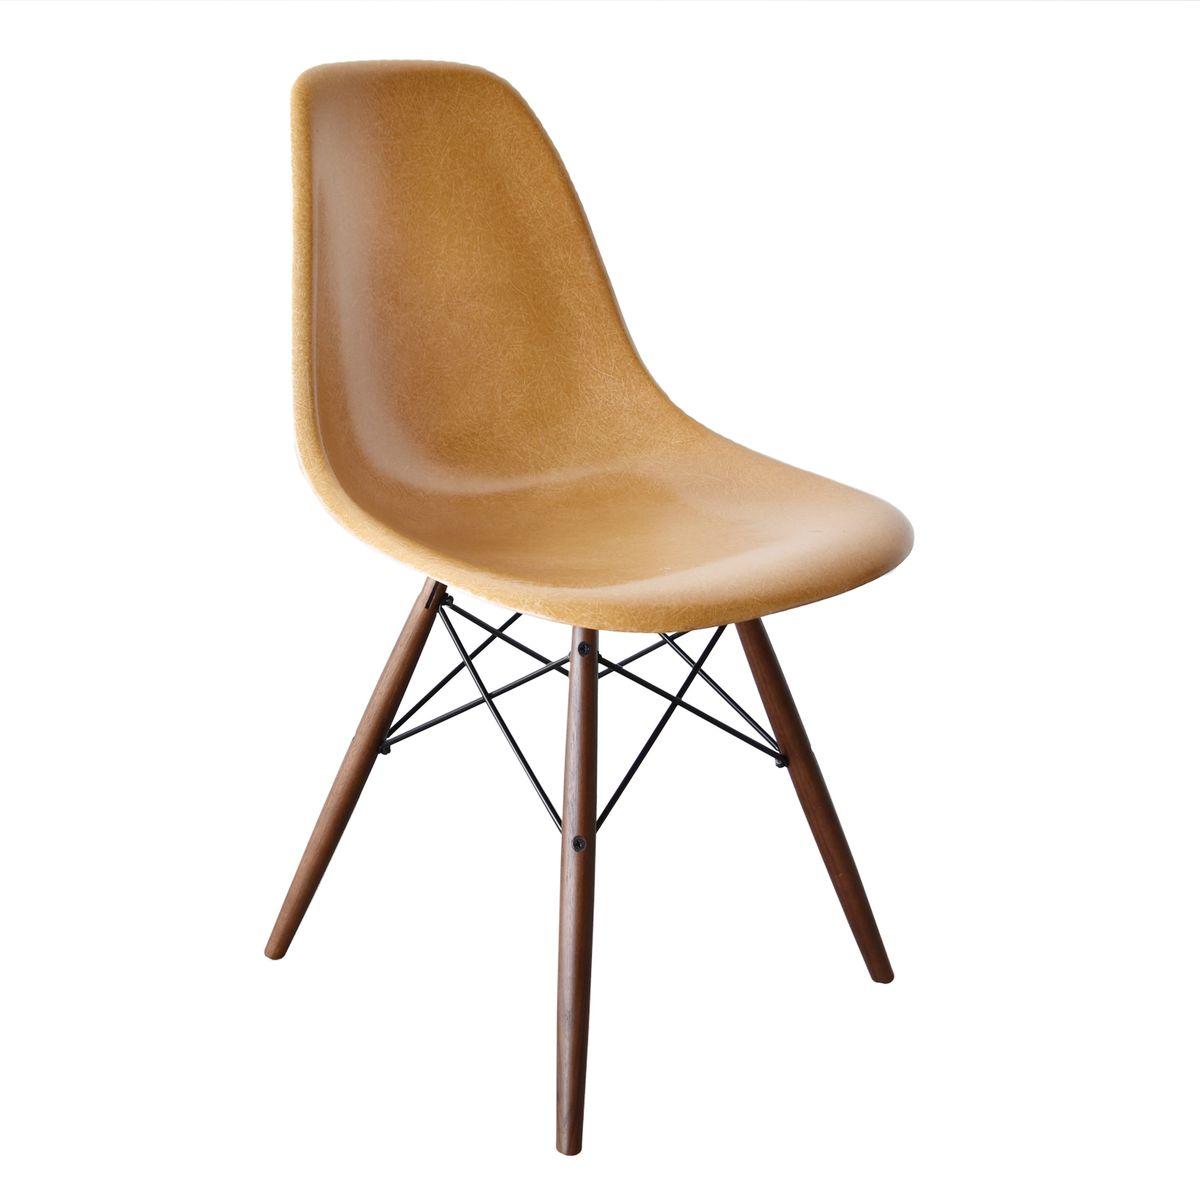 dunkler ockerfarbener dsw chair von charles und ray eames f r herman miller bei pamono kaufen. Black Bedroom Furniture Sets. Home Design Ideas